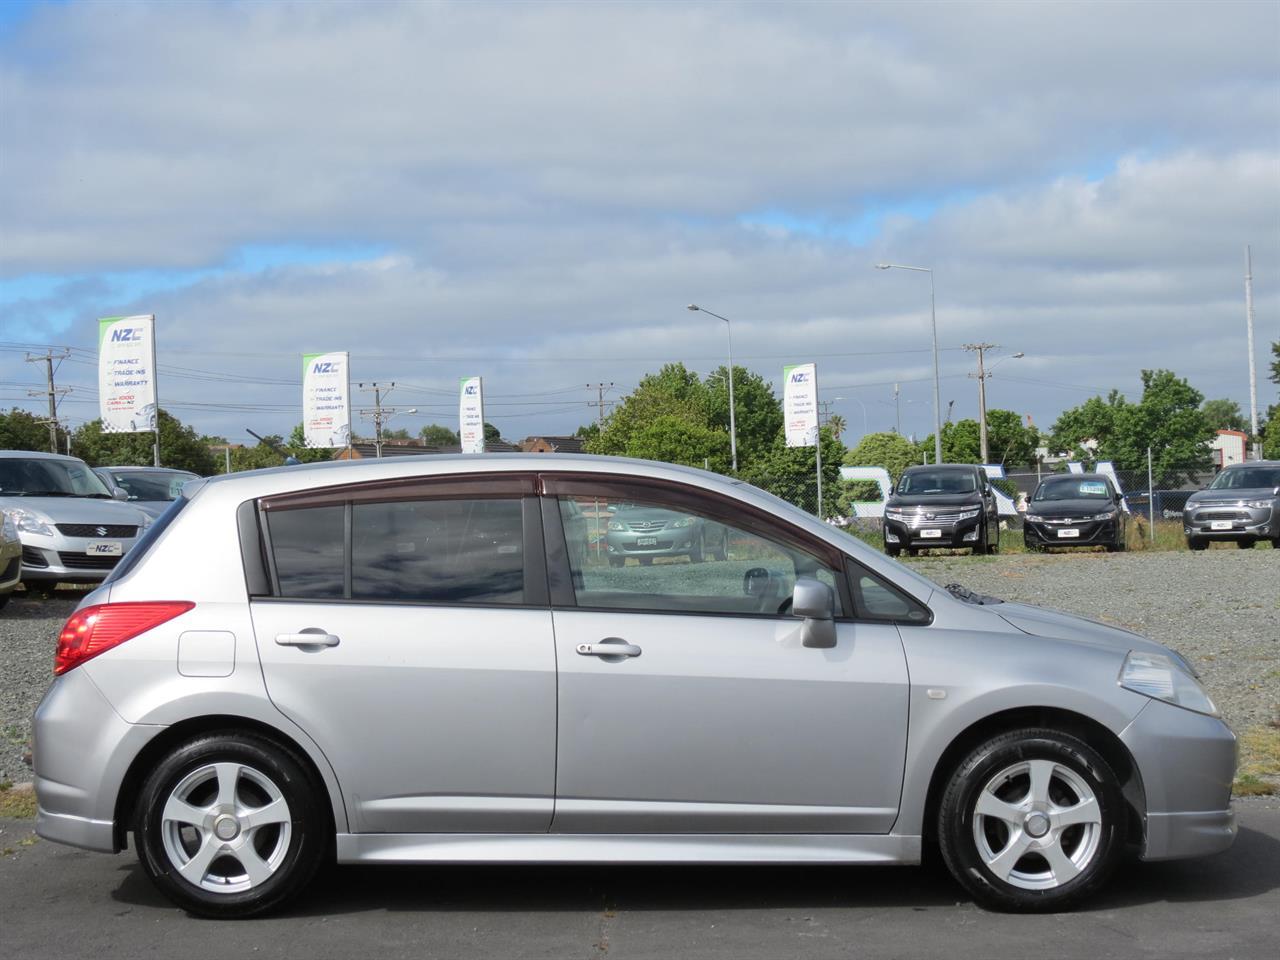 2005 Nissan Tiida | only $13 weekly